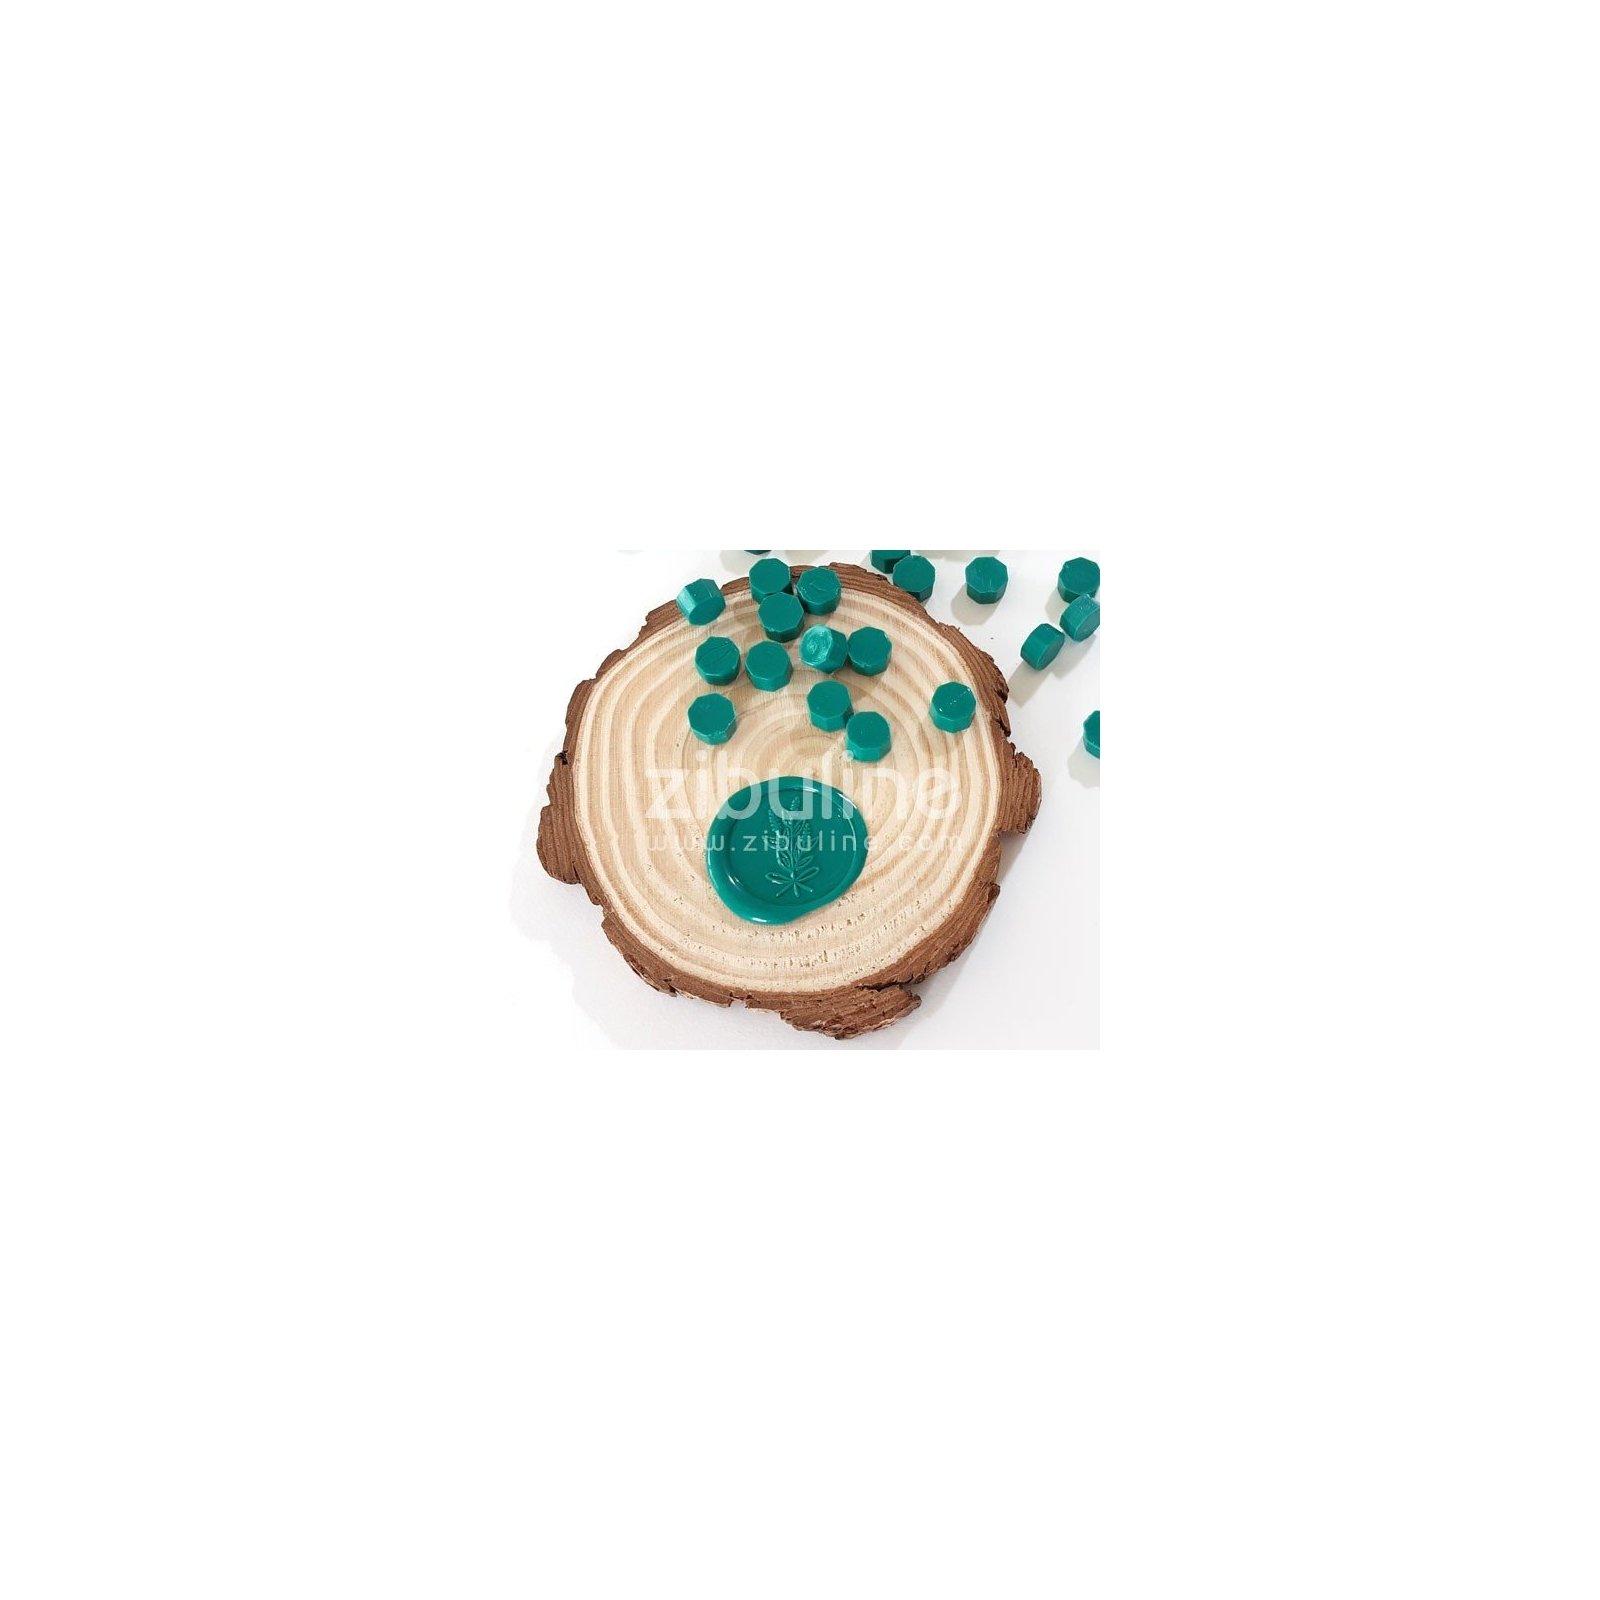 Pastilles de cire - Pétrole - Zibuline